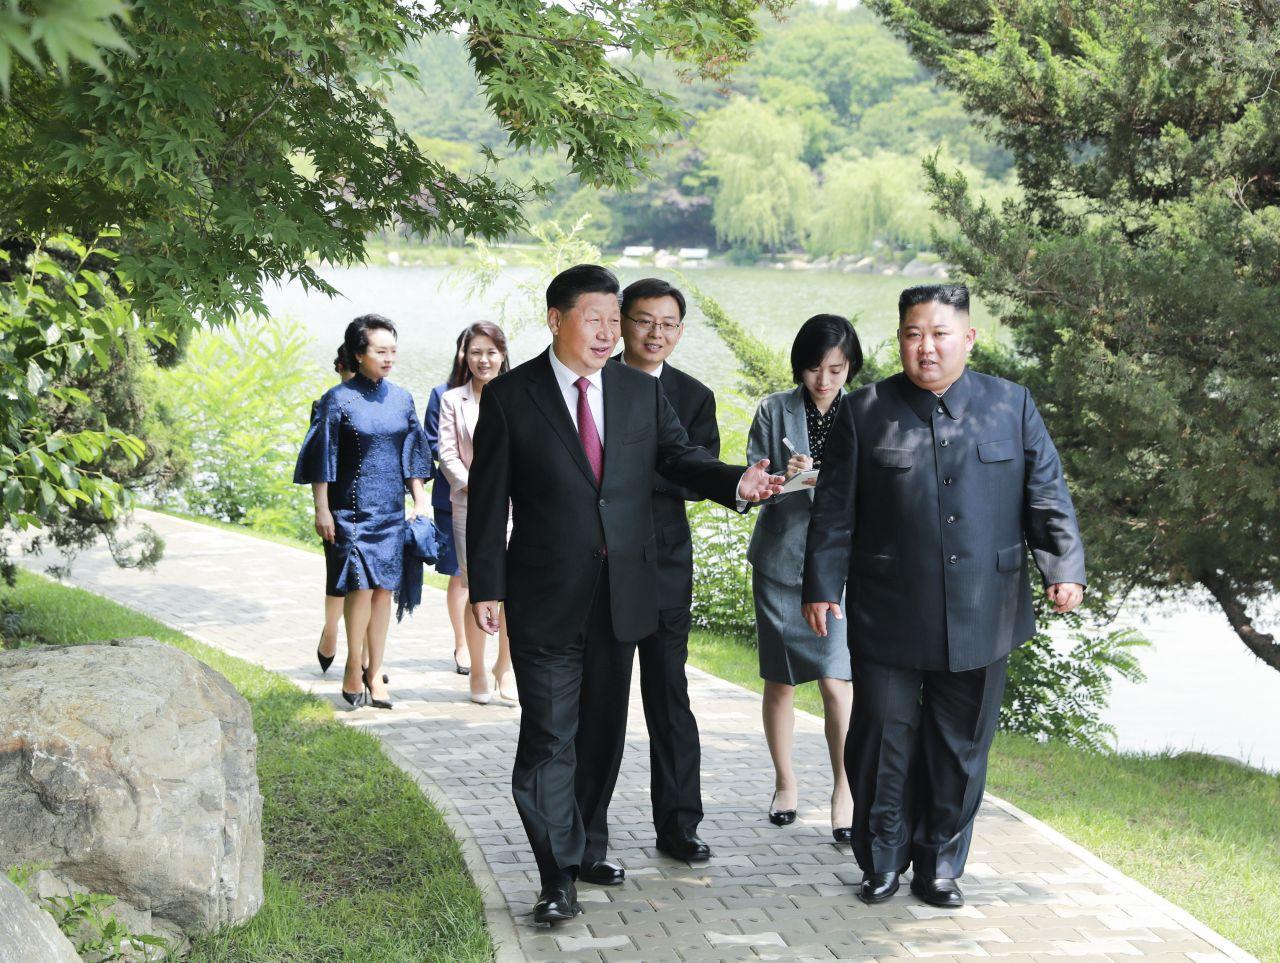 Kim Jong-un Xi Jinping